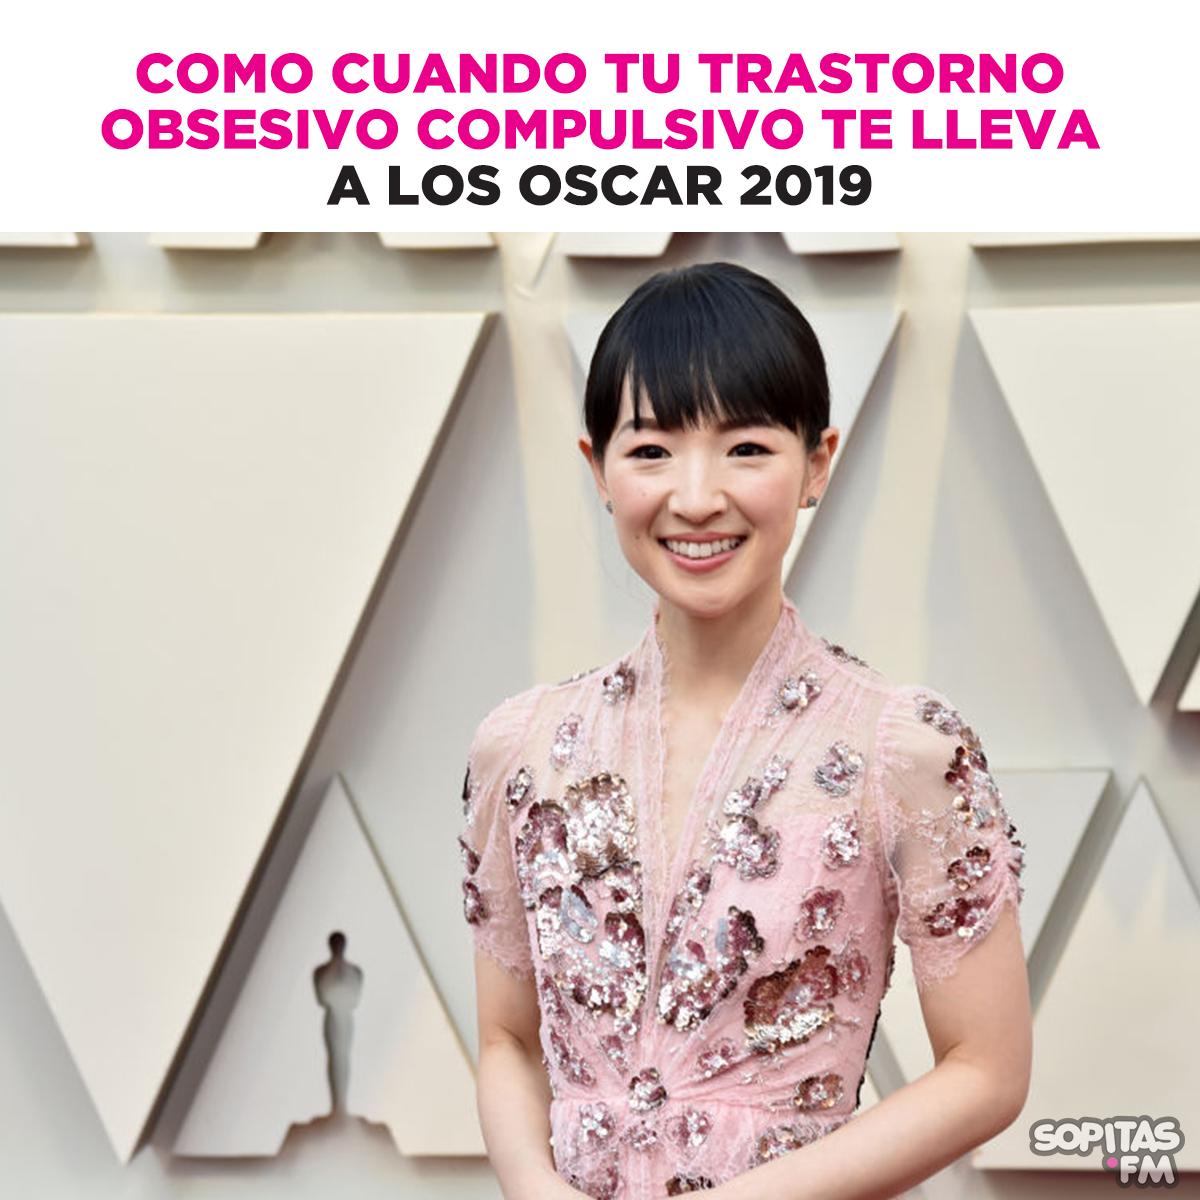 ¿Pensaron que no habrían? ¡Ya llegaron los mejores memes de los Oscar 2019!